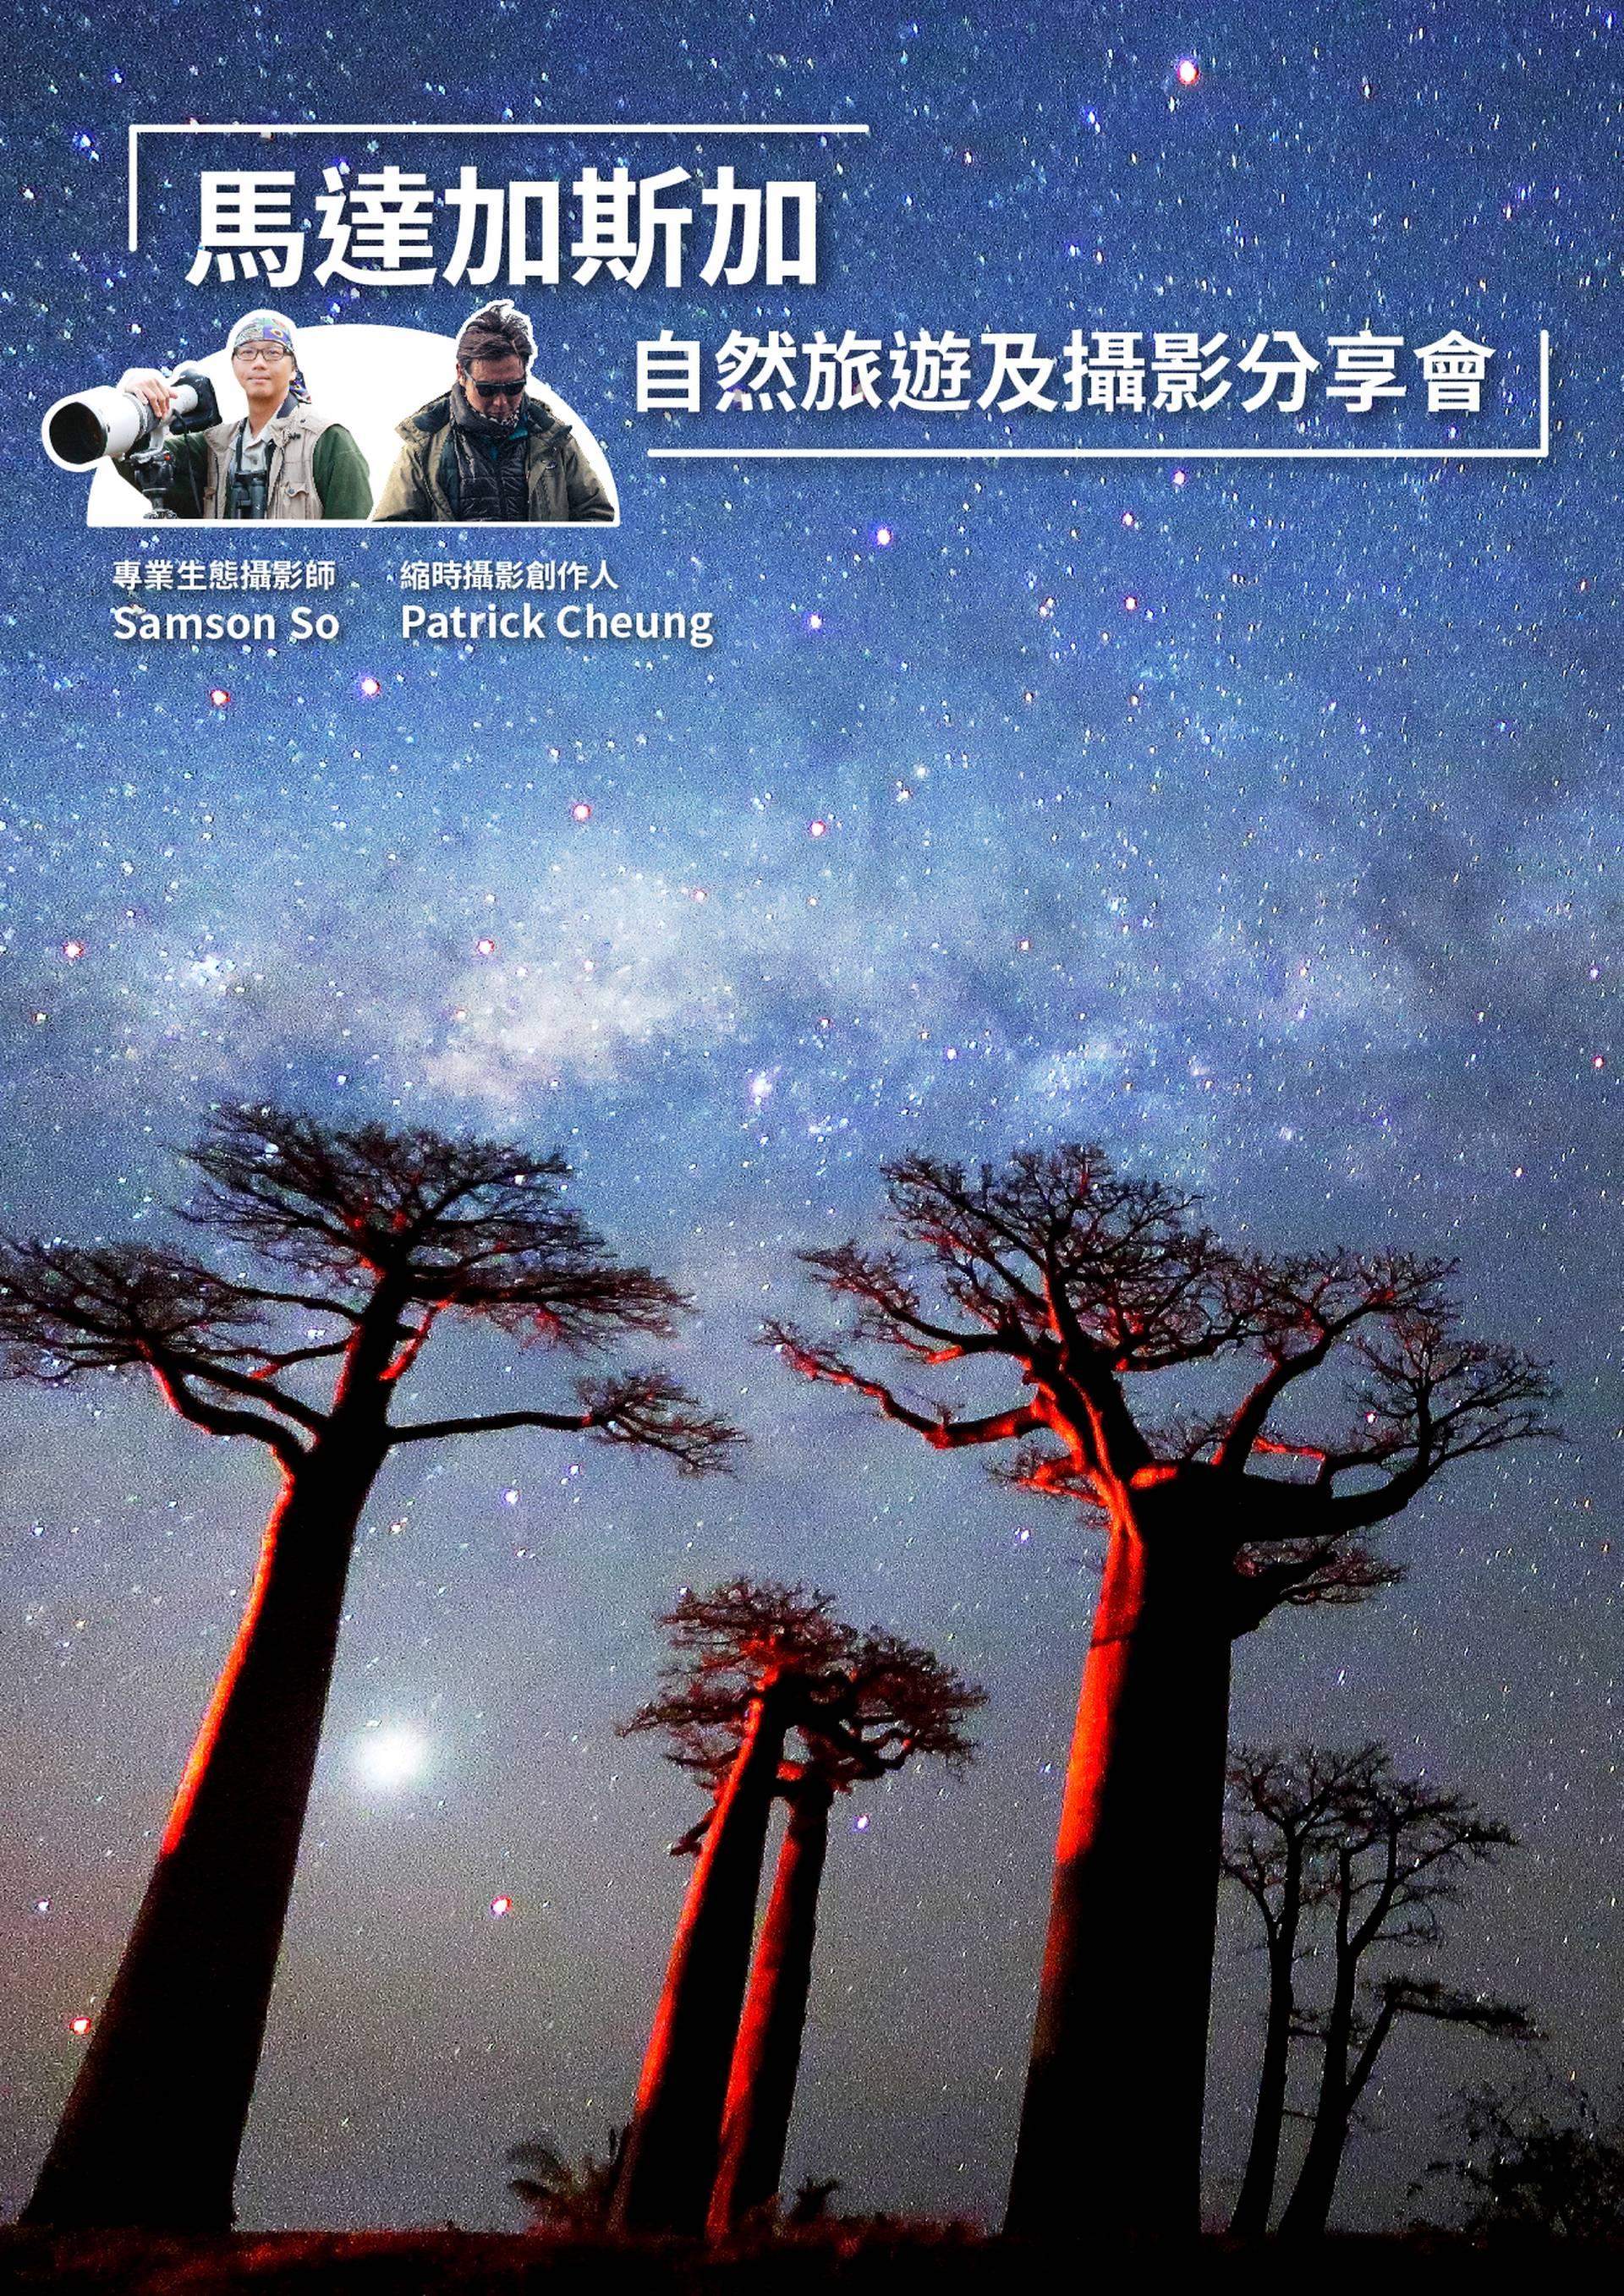 馬達加斯加 - 自然旅遊及攝影分享會